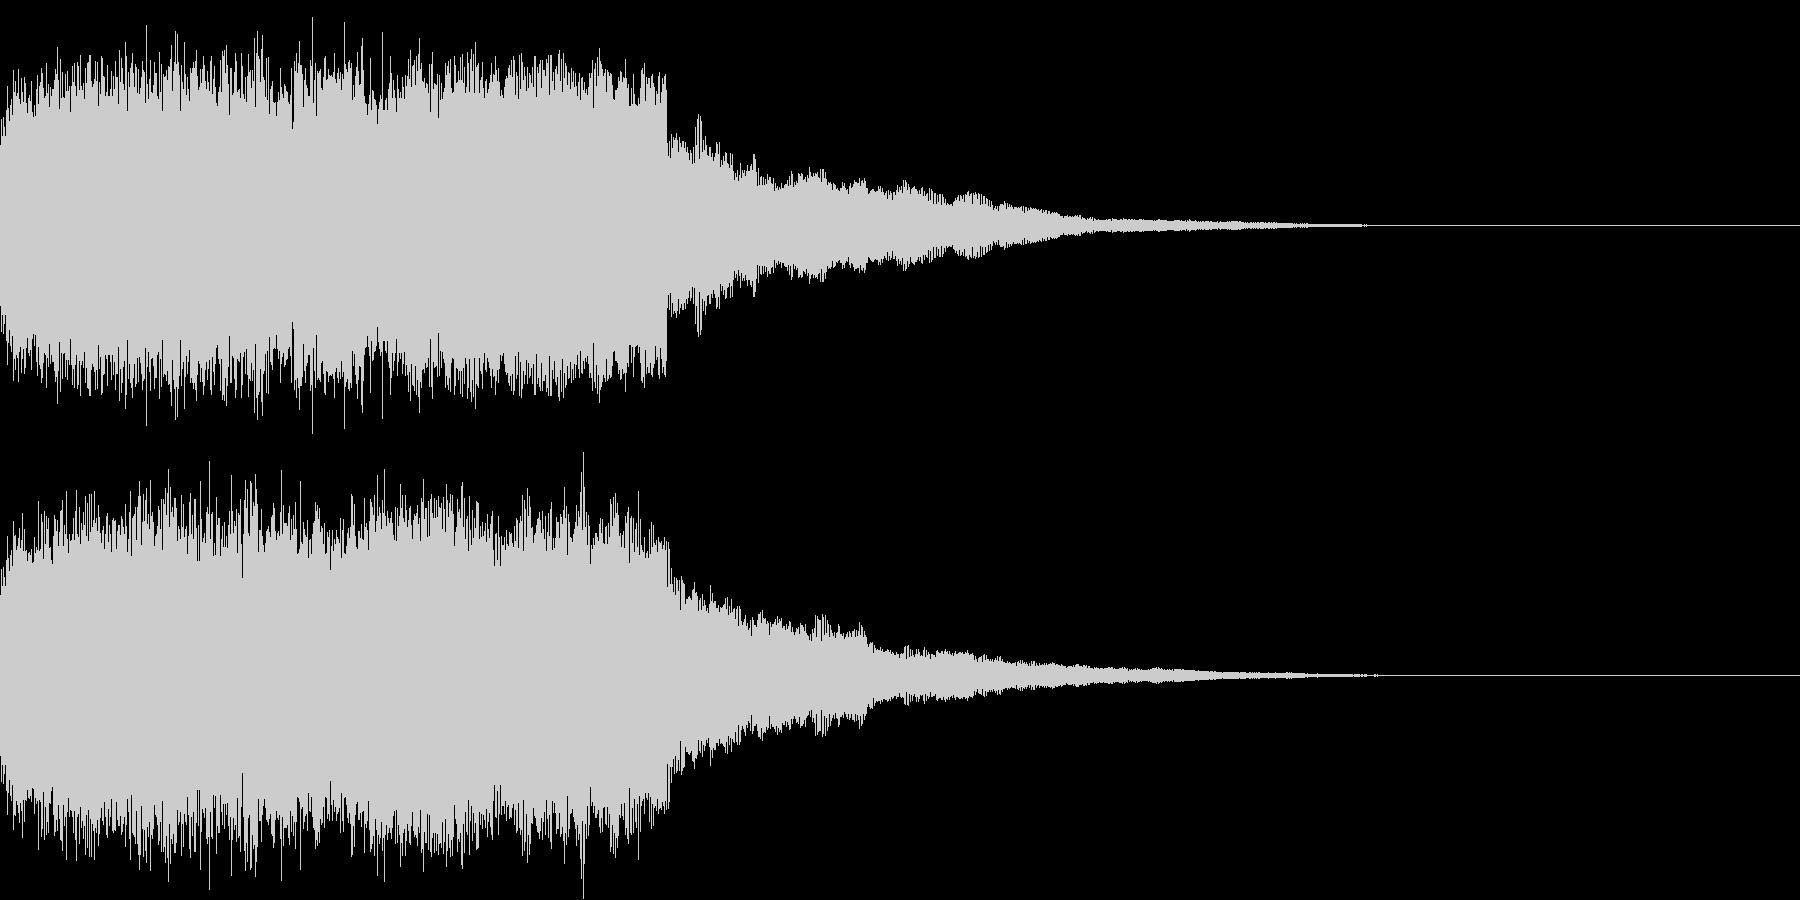 キュイン キュイーン ビーム キーン 2の未再生の波形